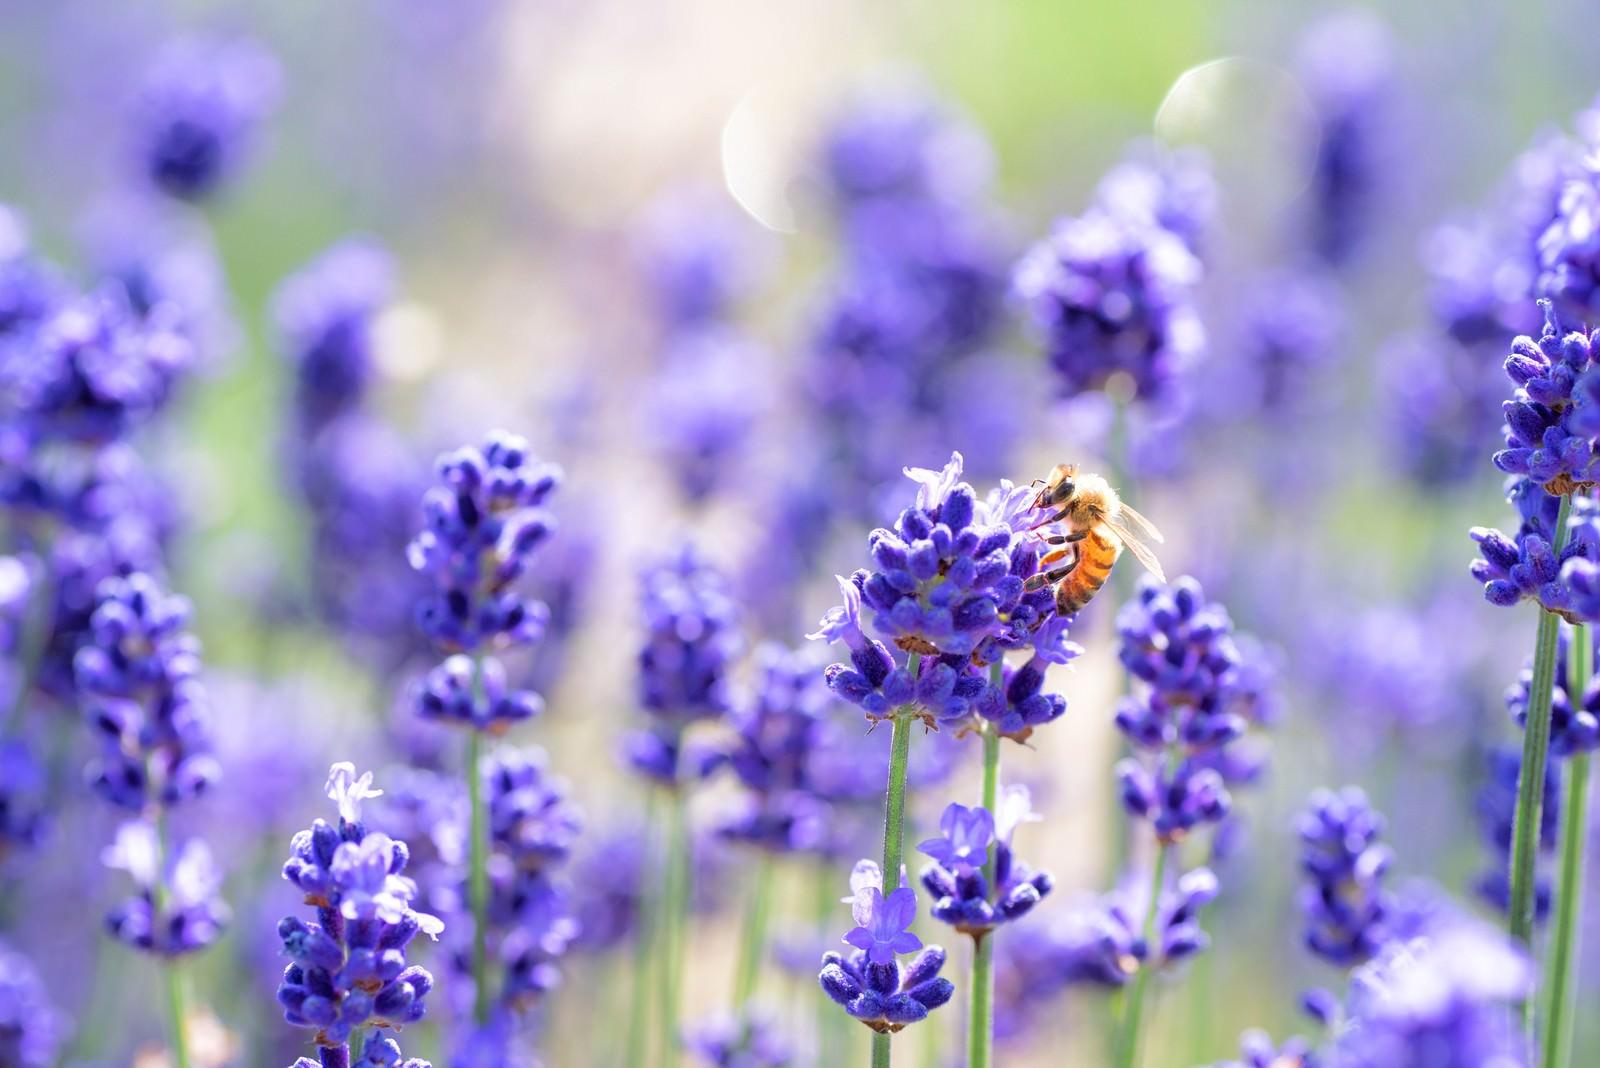 「ラベンダーの香りに誘われるミツバチ」の写真